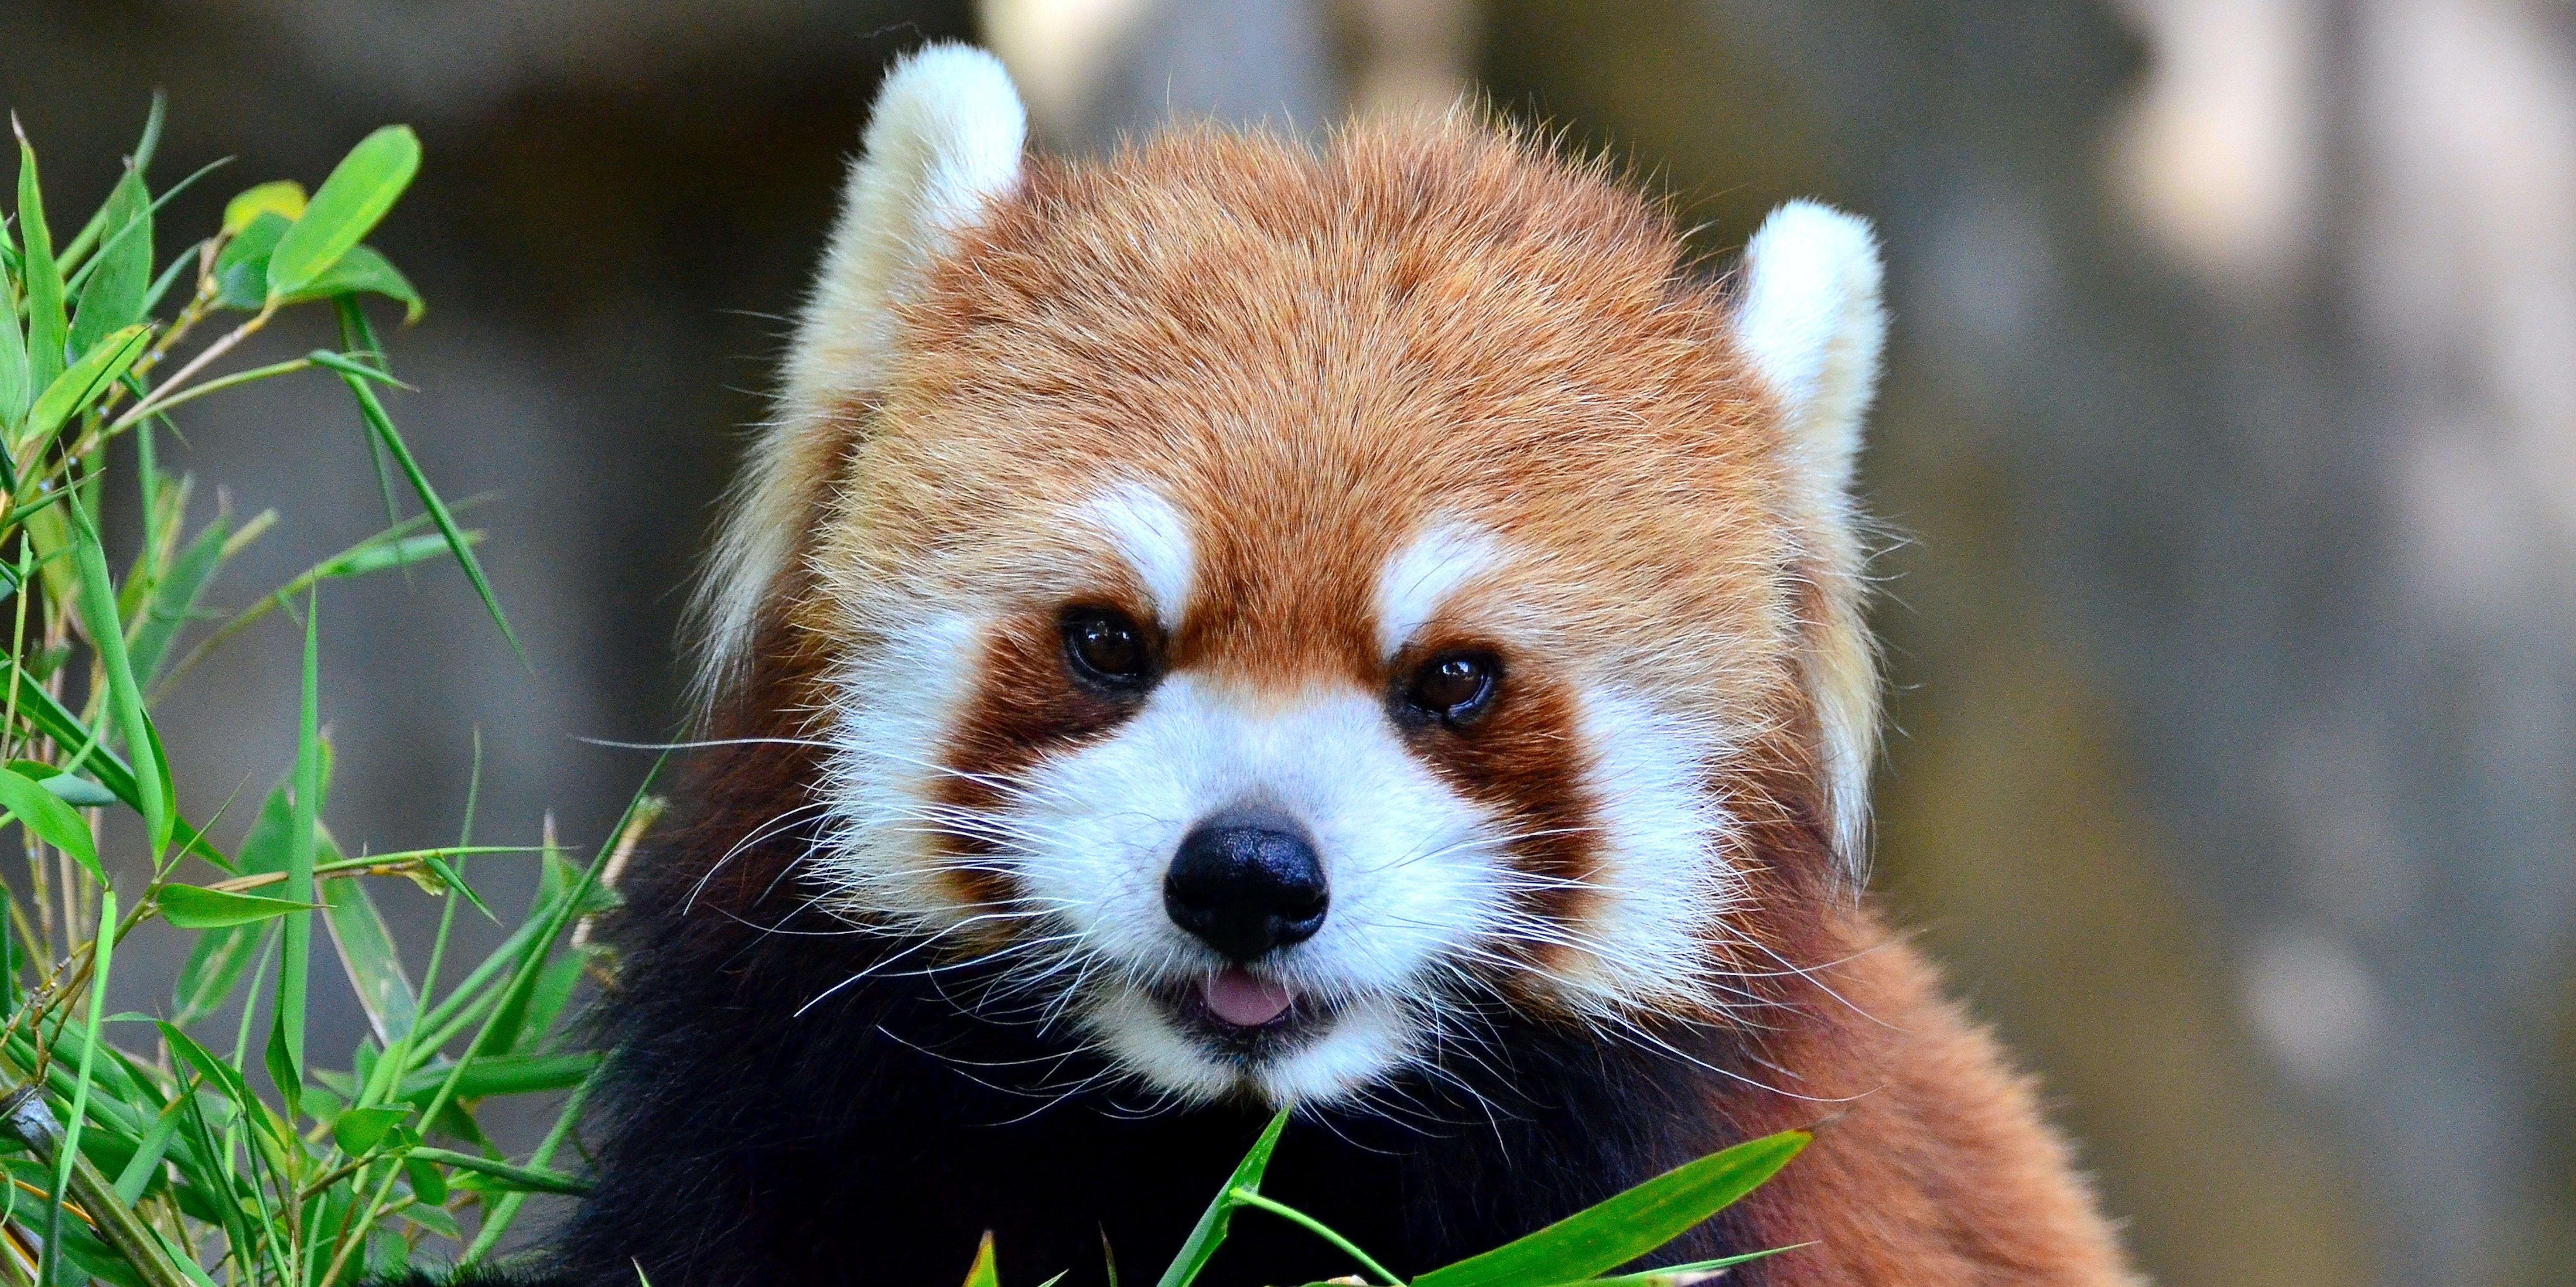 Panda bite - photo#36